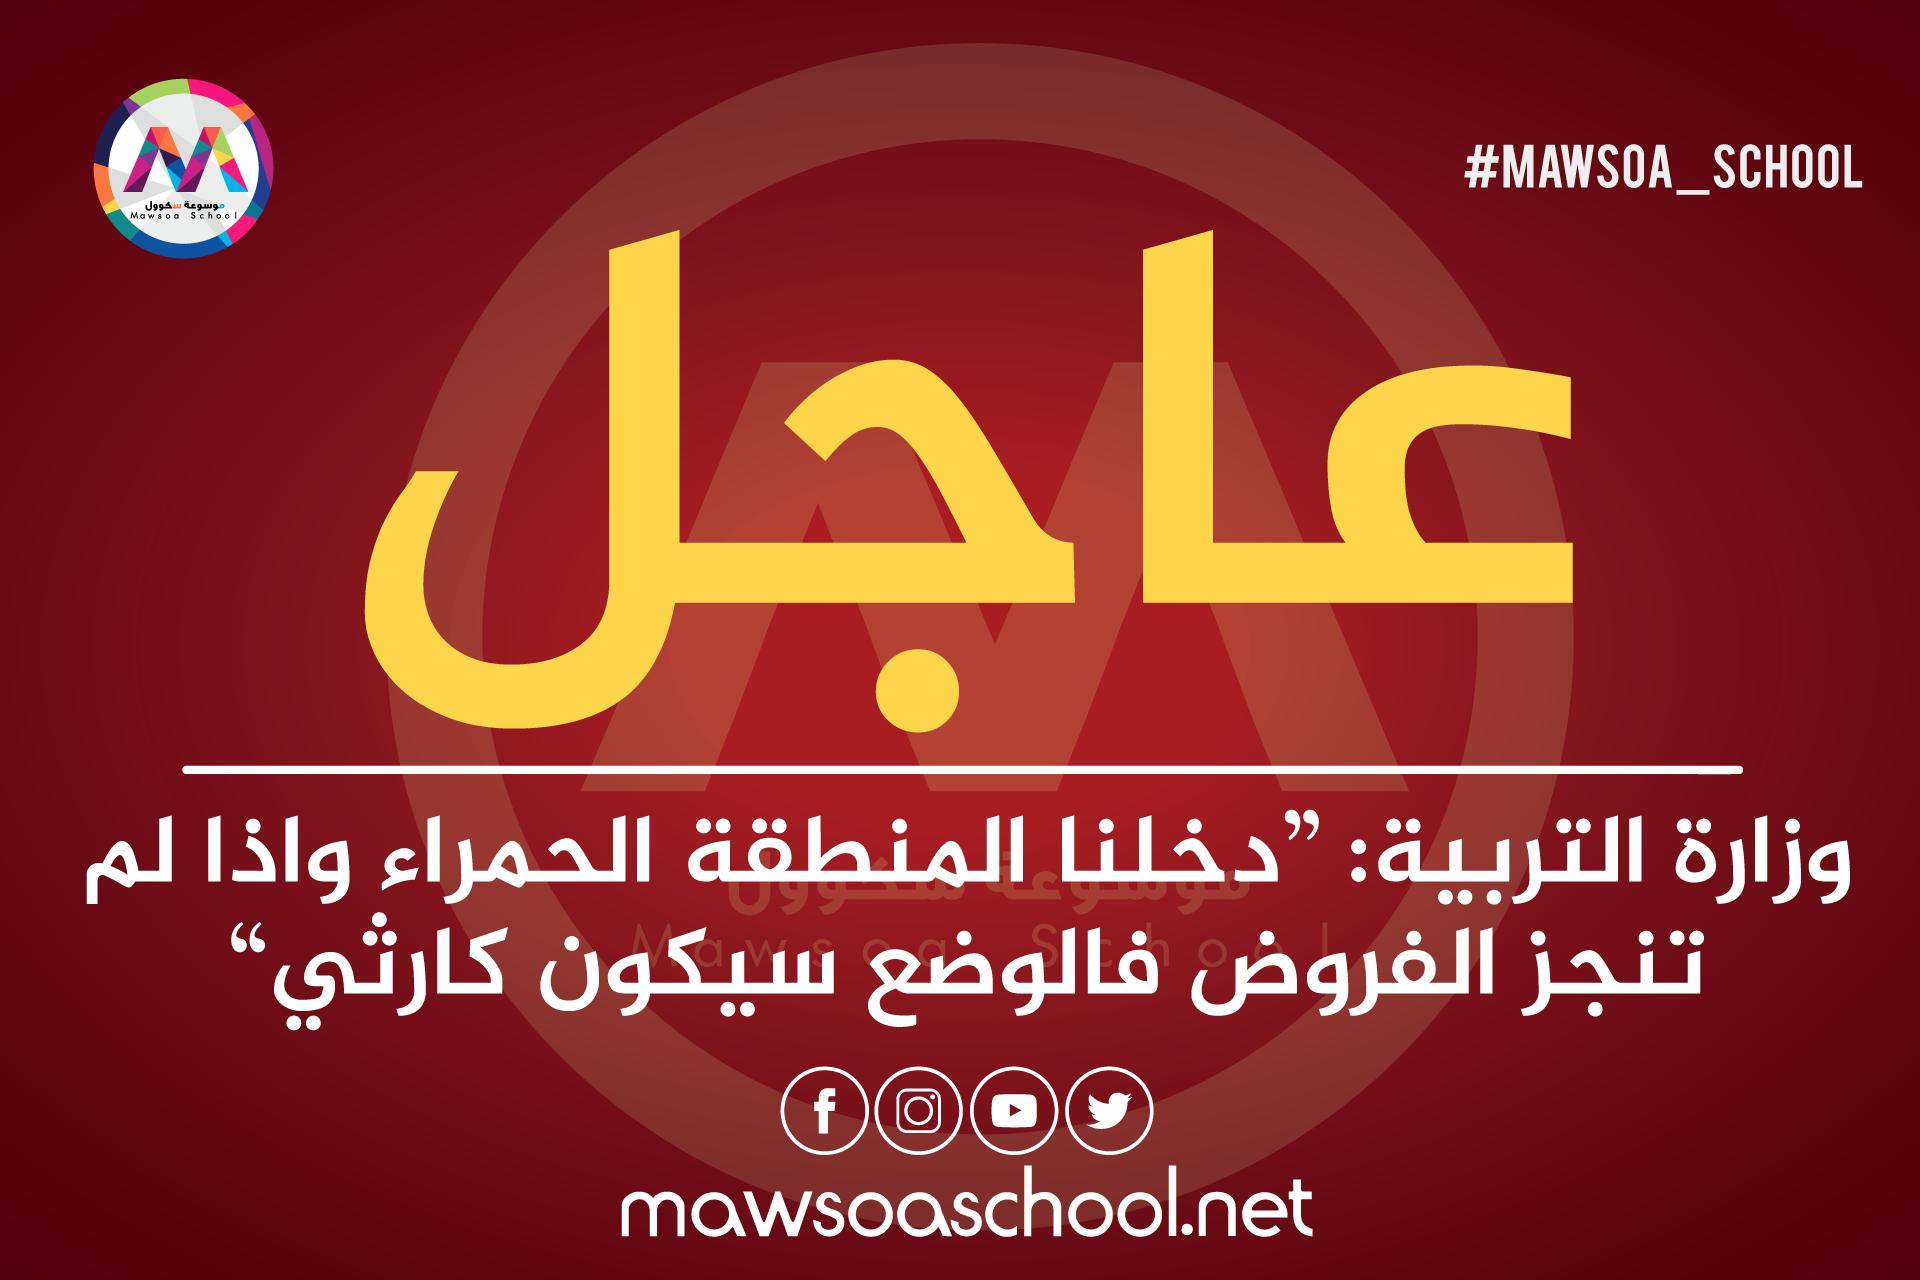 وزارة التربية: 'دخلنا المنطقة الحمراء والوضع سيكون كارثيا إذا لم يتم إجراء الامتحانات خلال 4 أسابيع'